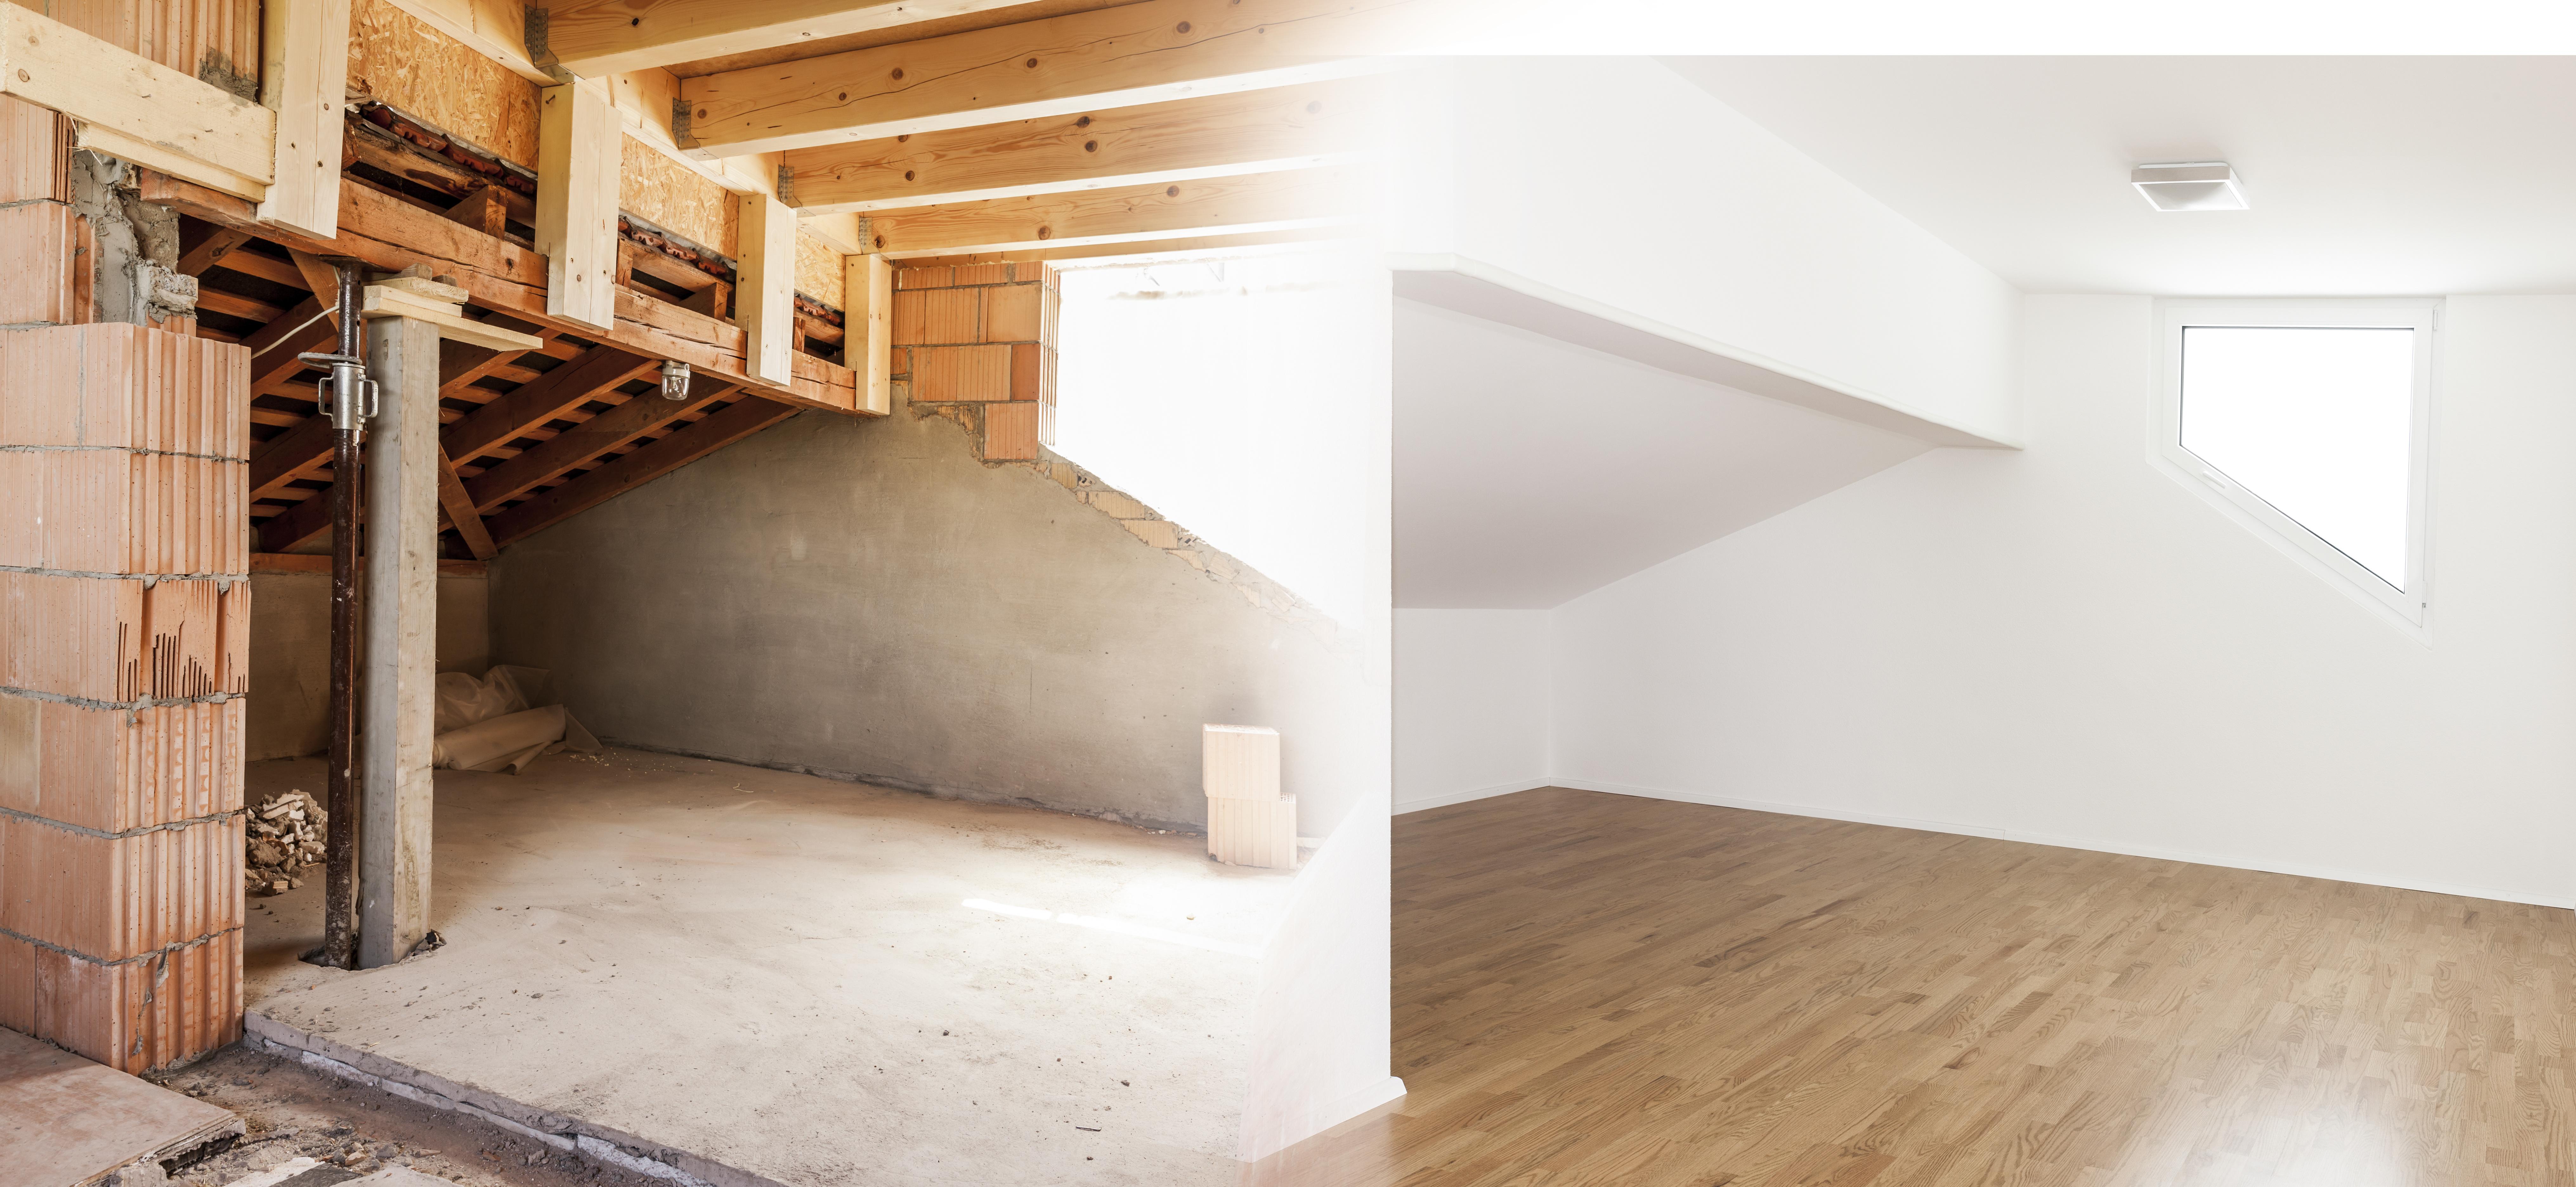 Quel prix pour une surélévation de maison en 2020?